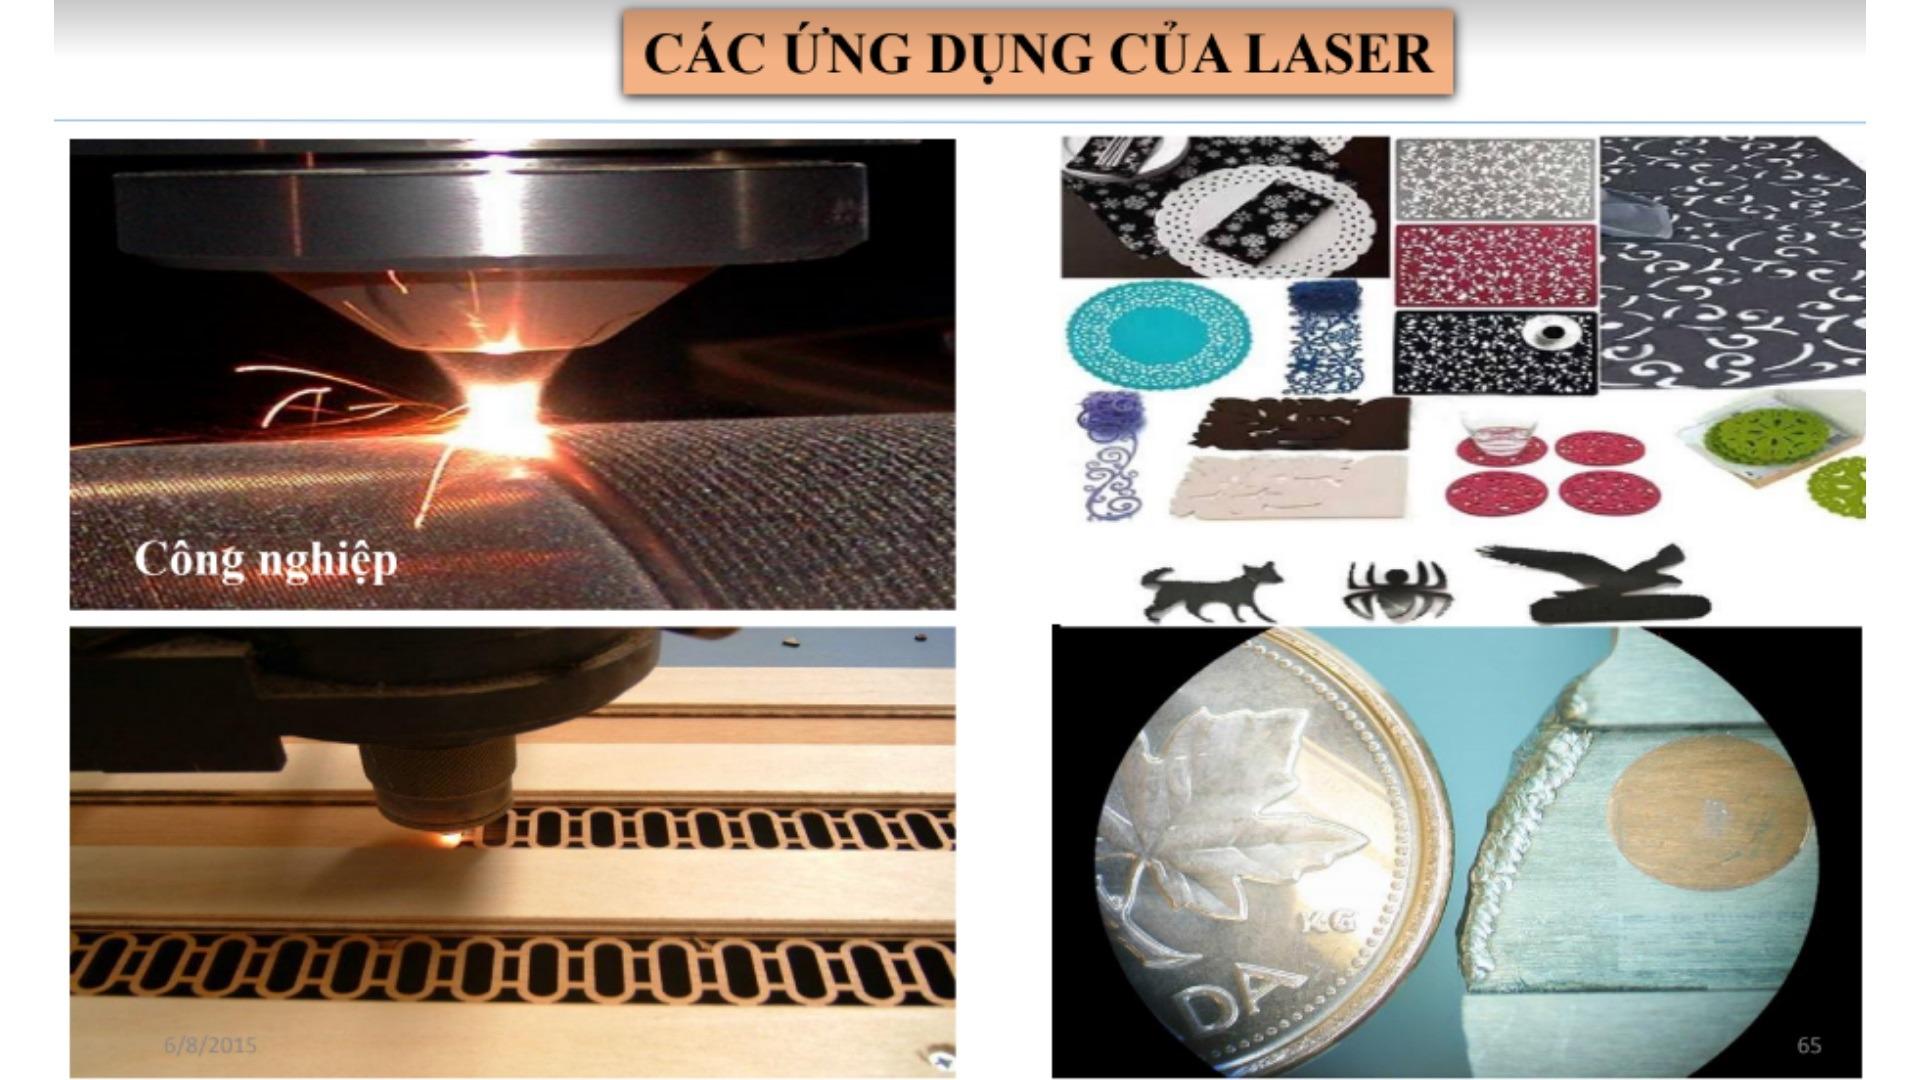 Các ứng dụng của laser